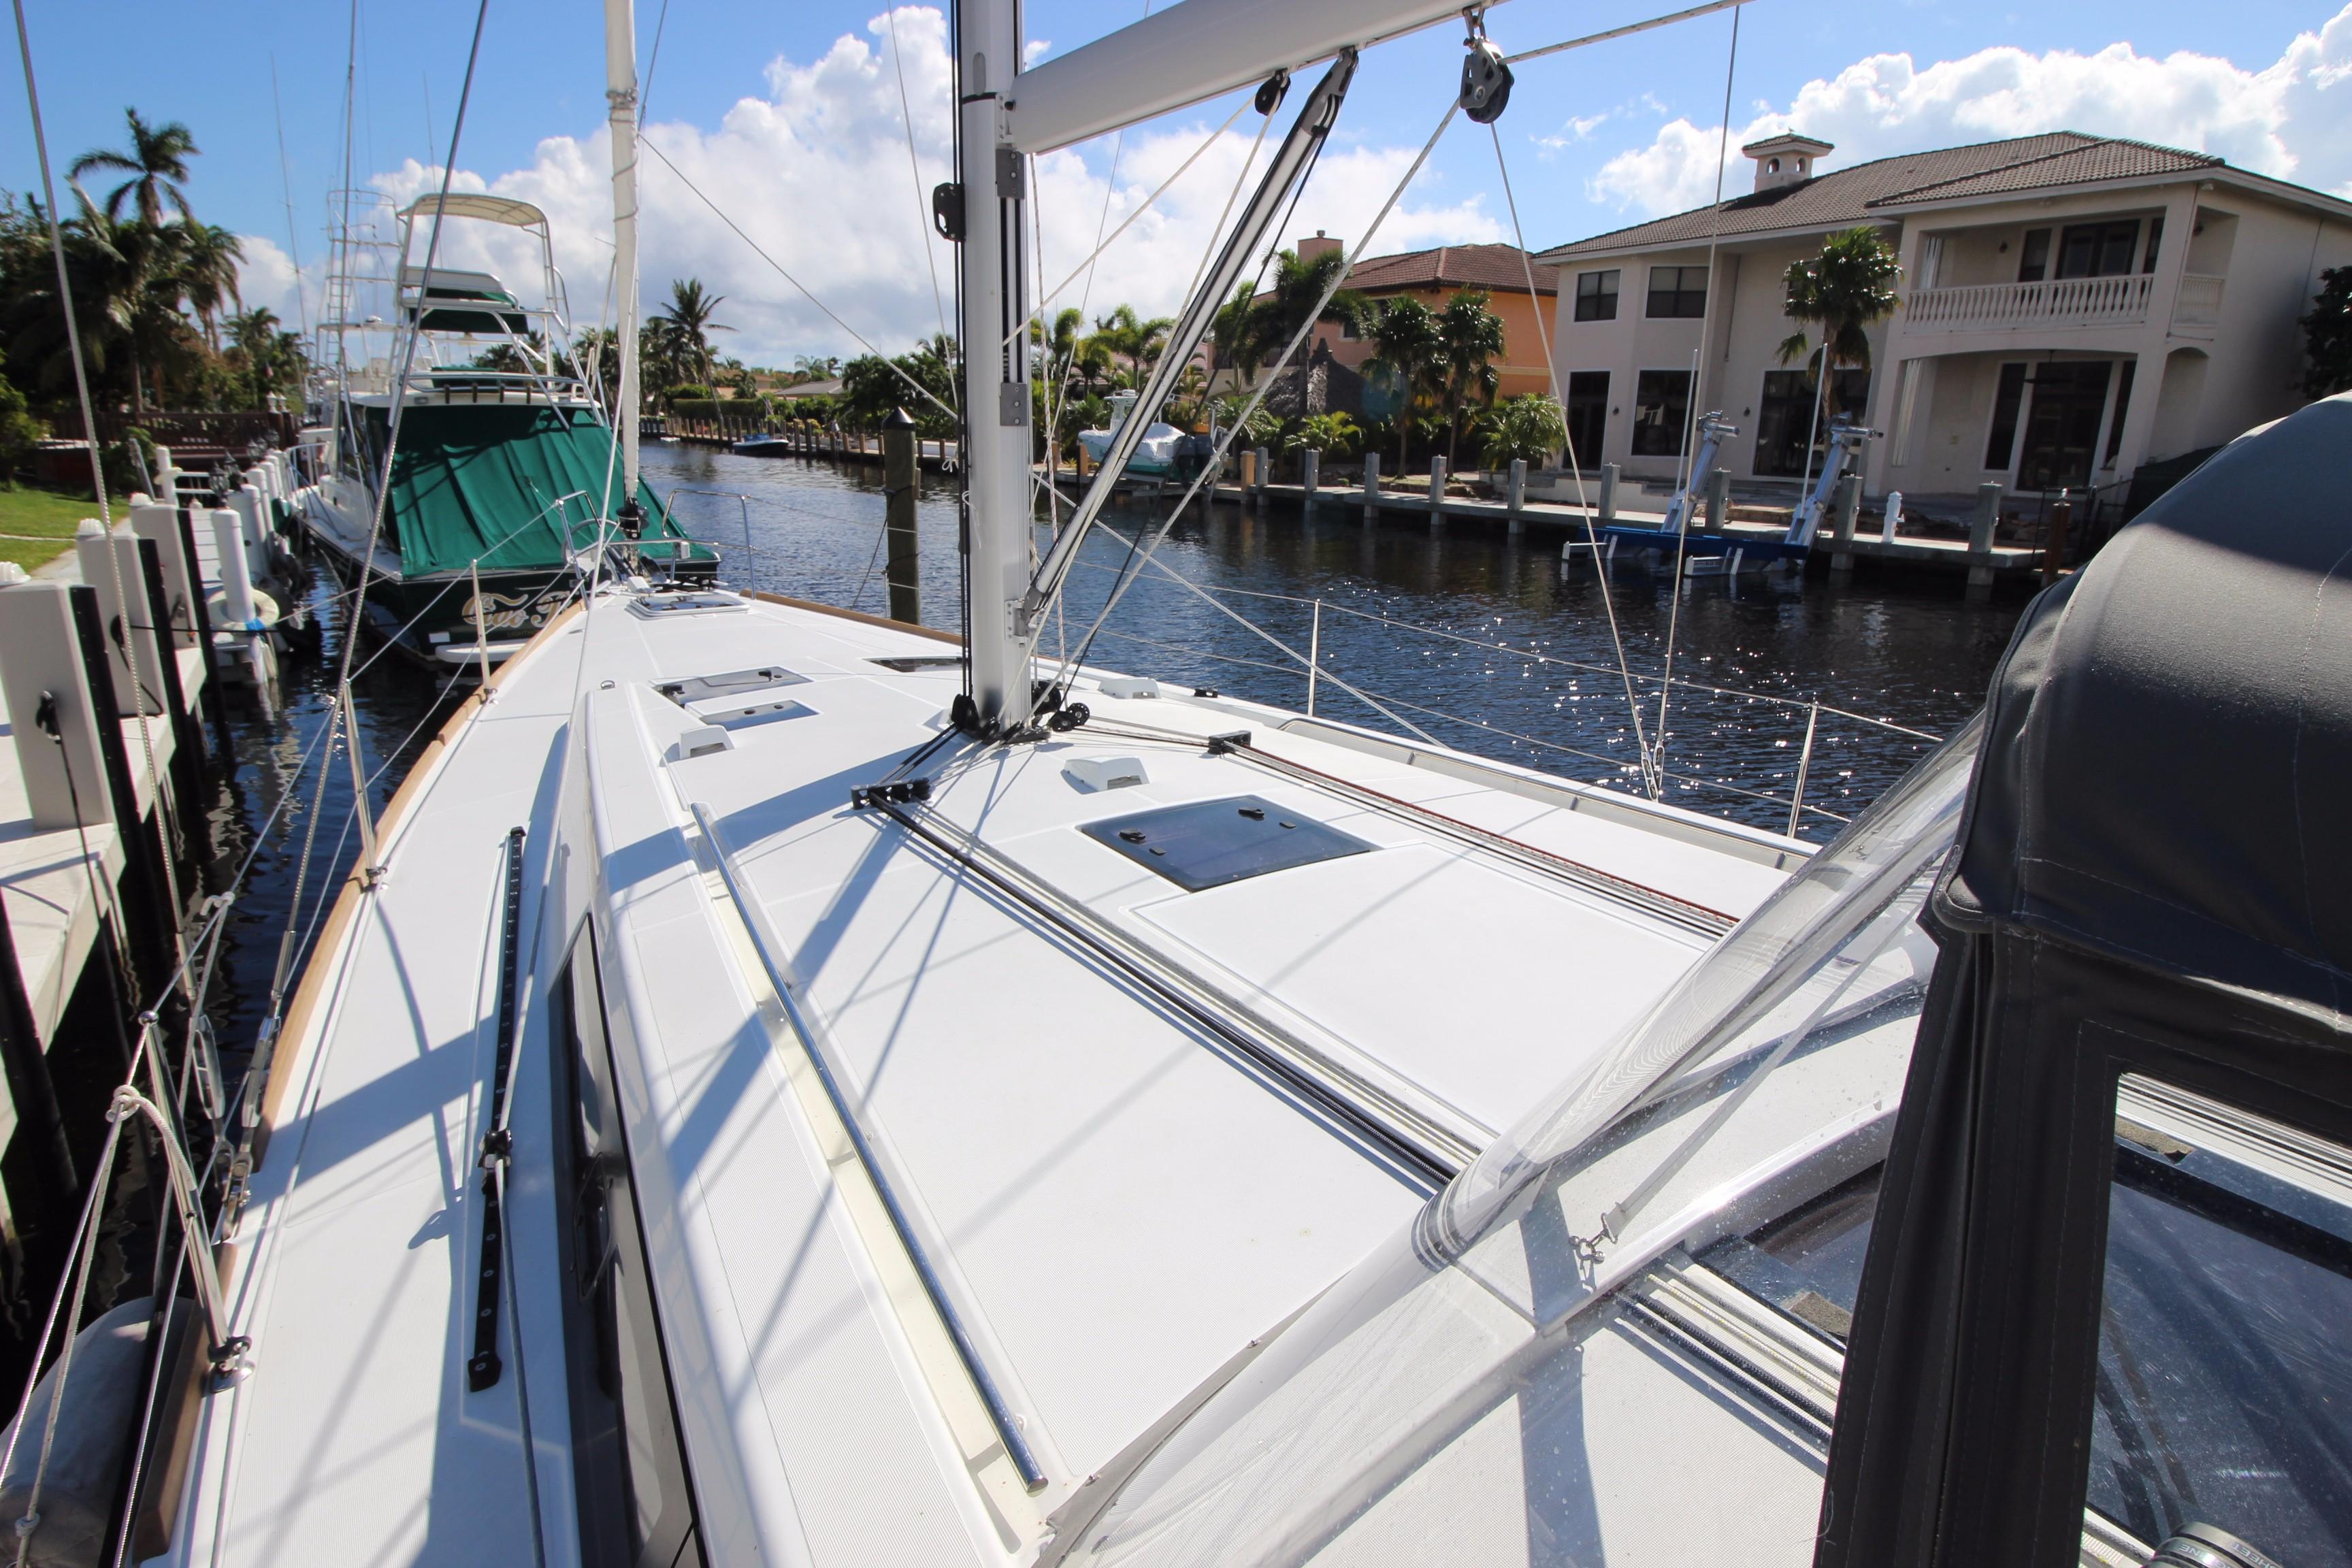 45 Beneteau 2016 Oceana Ft Lauderdale Florida